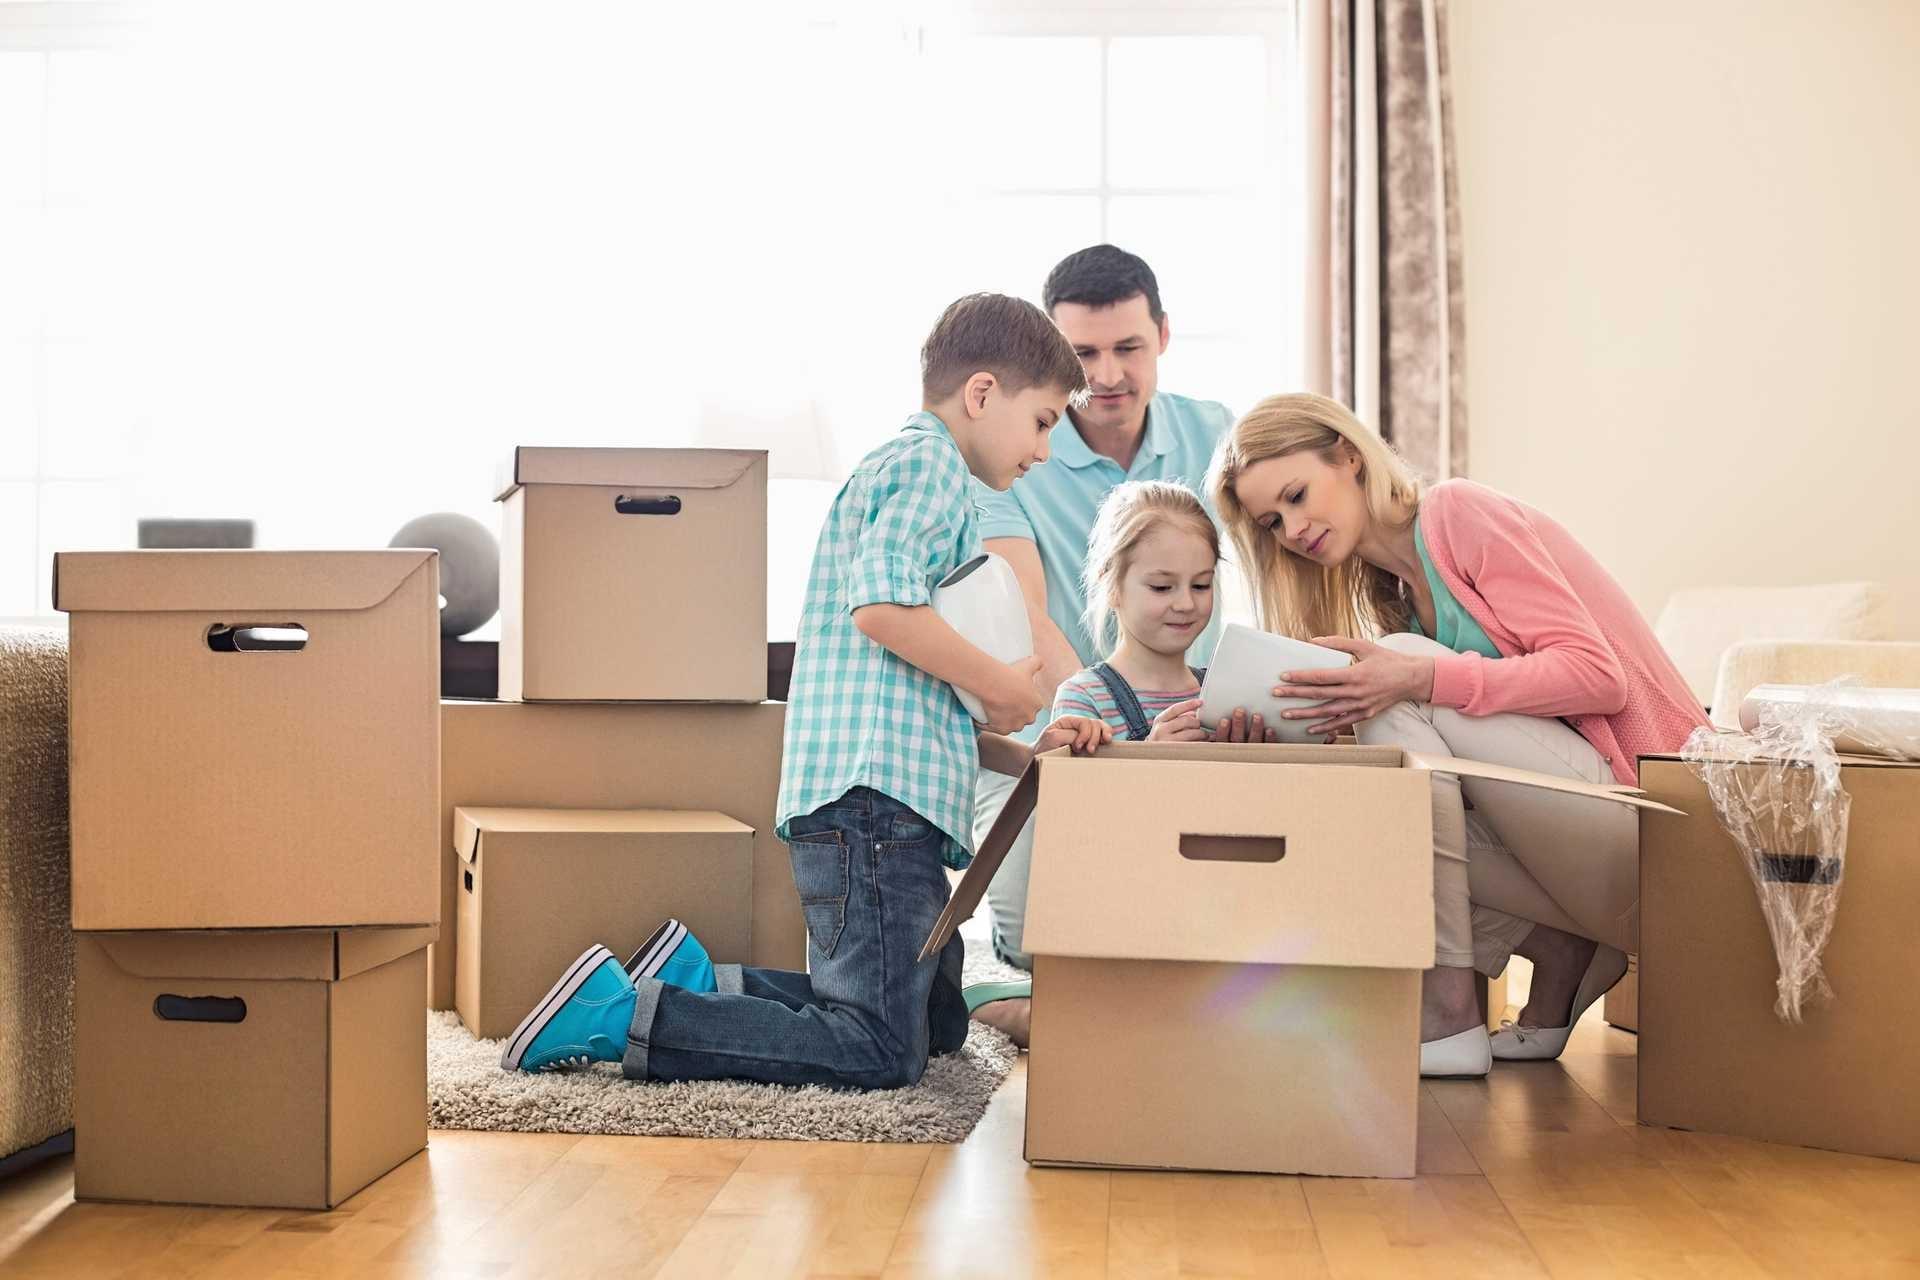 rodzina rozpakowuje kartony